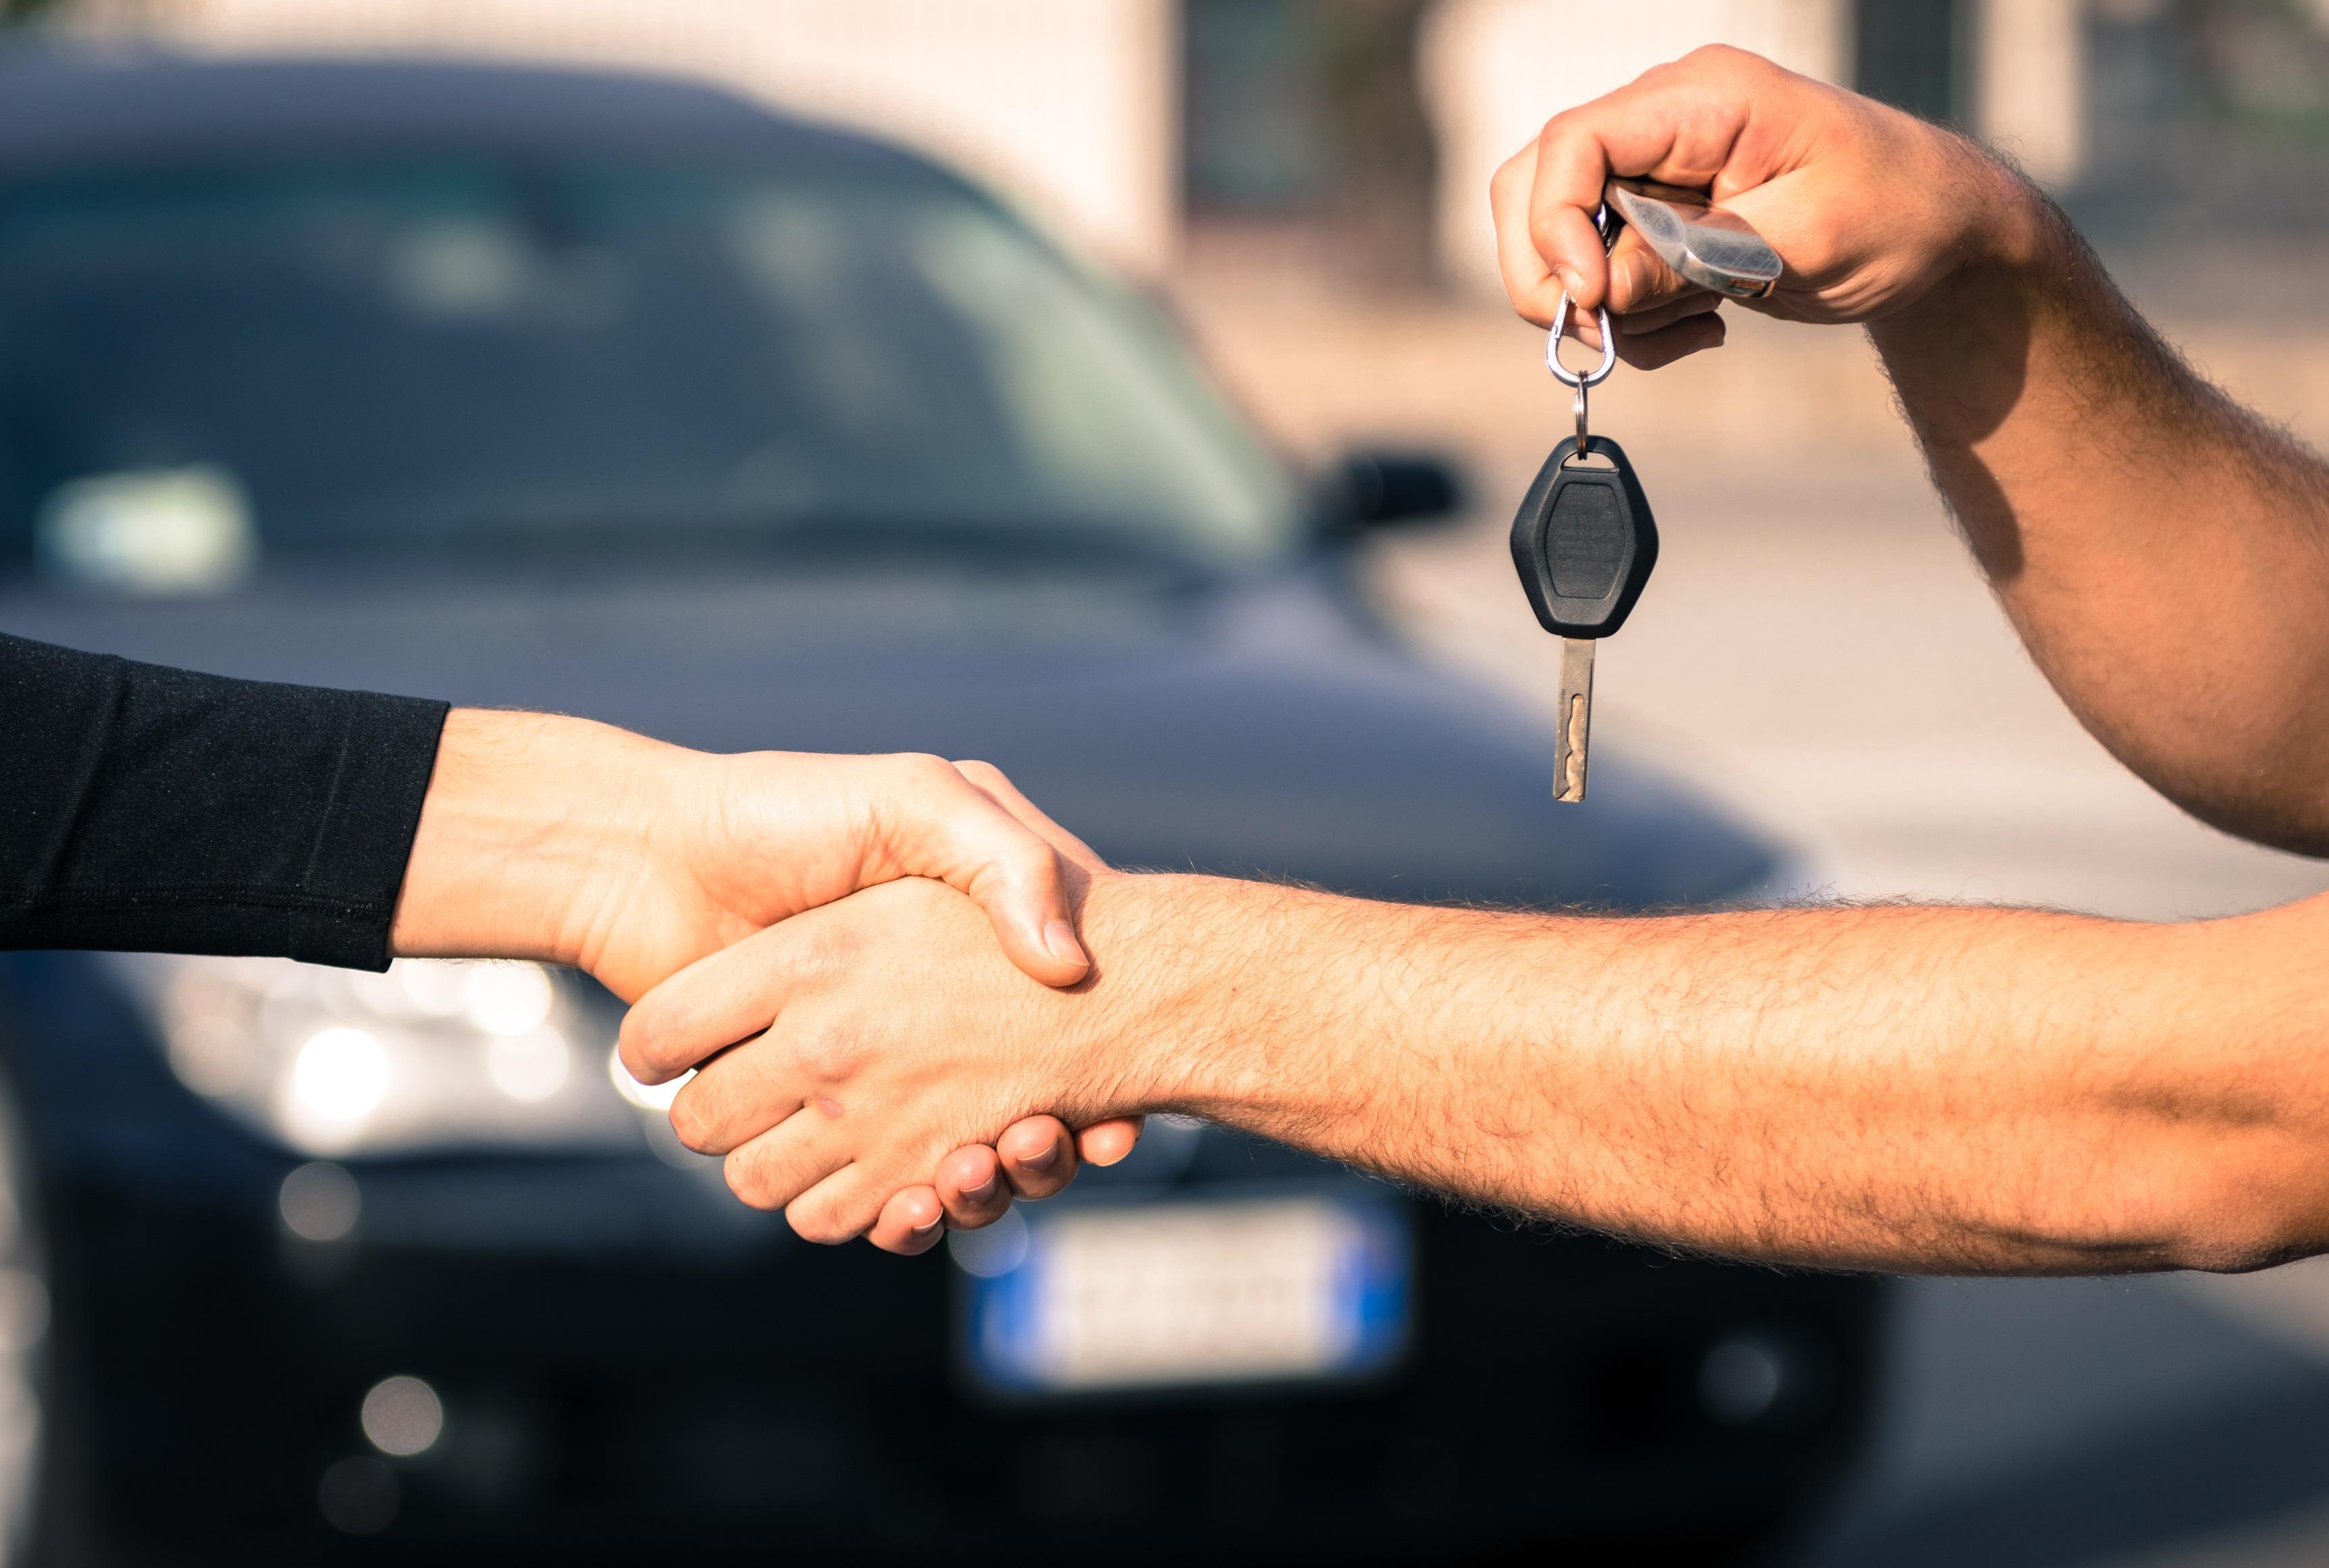 Confiez votre vieille voiture à des professionnels